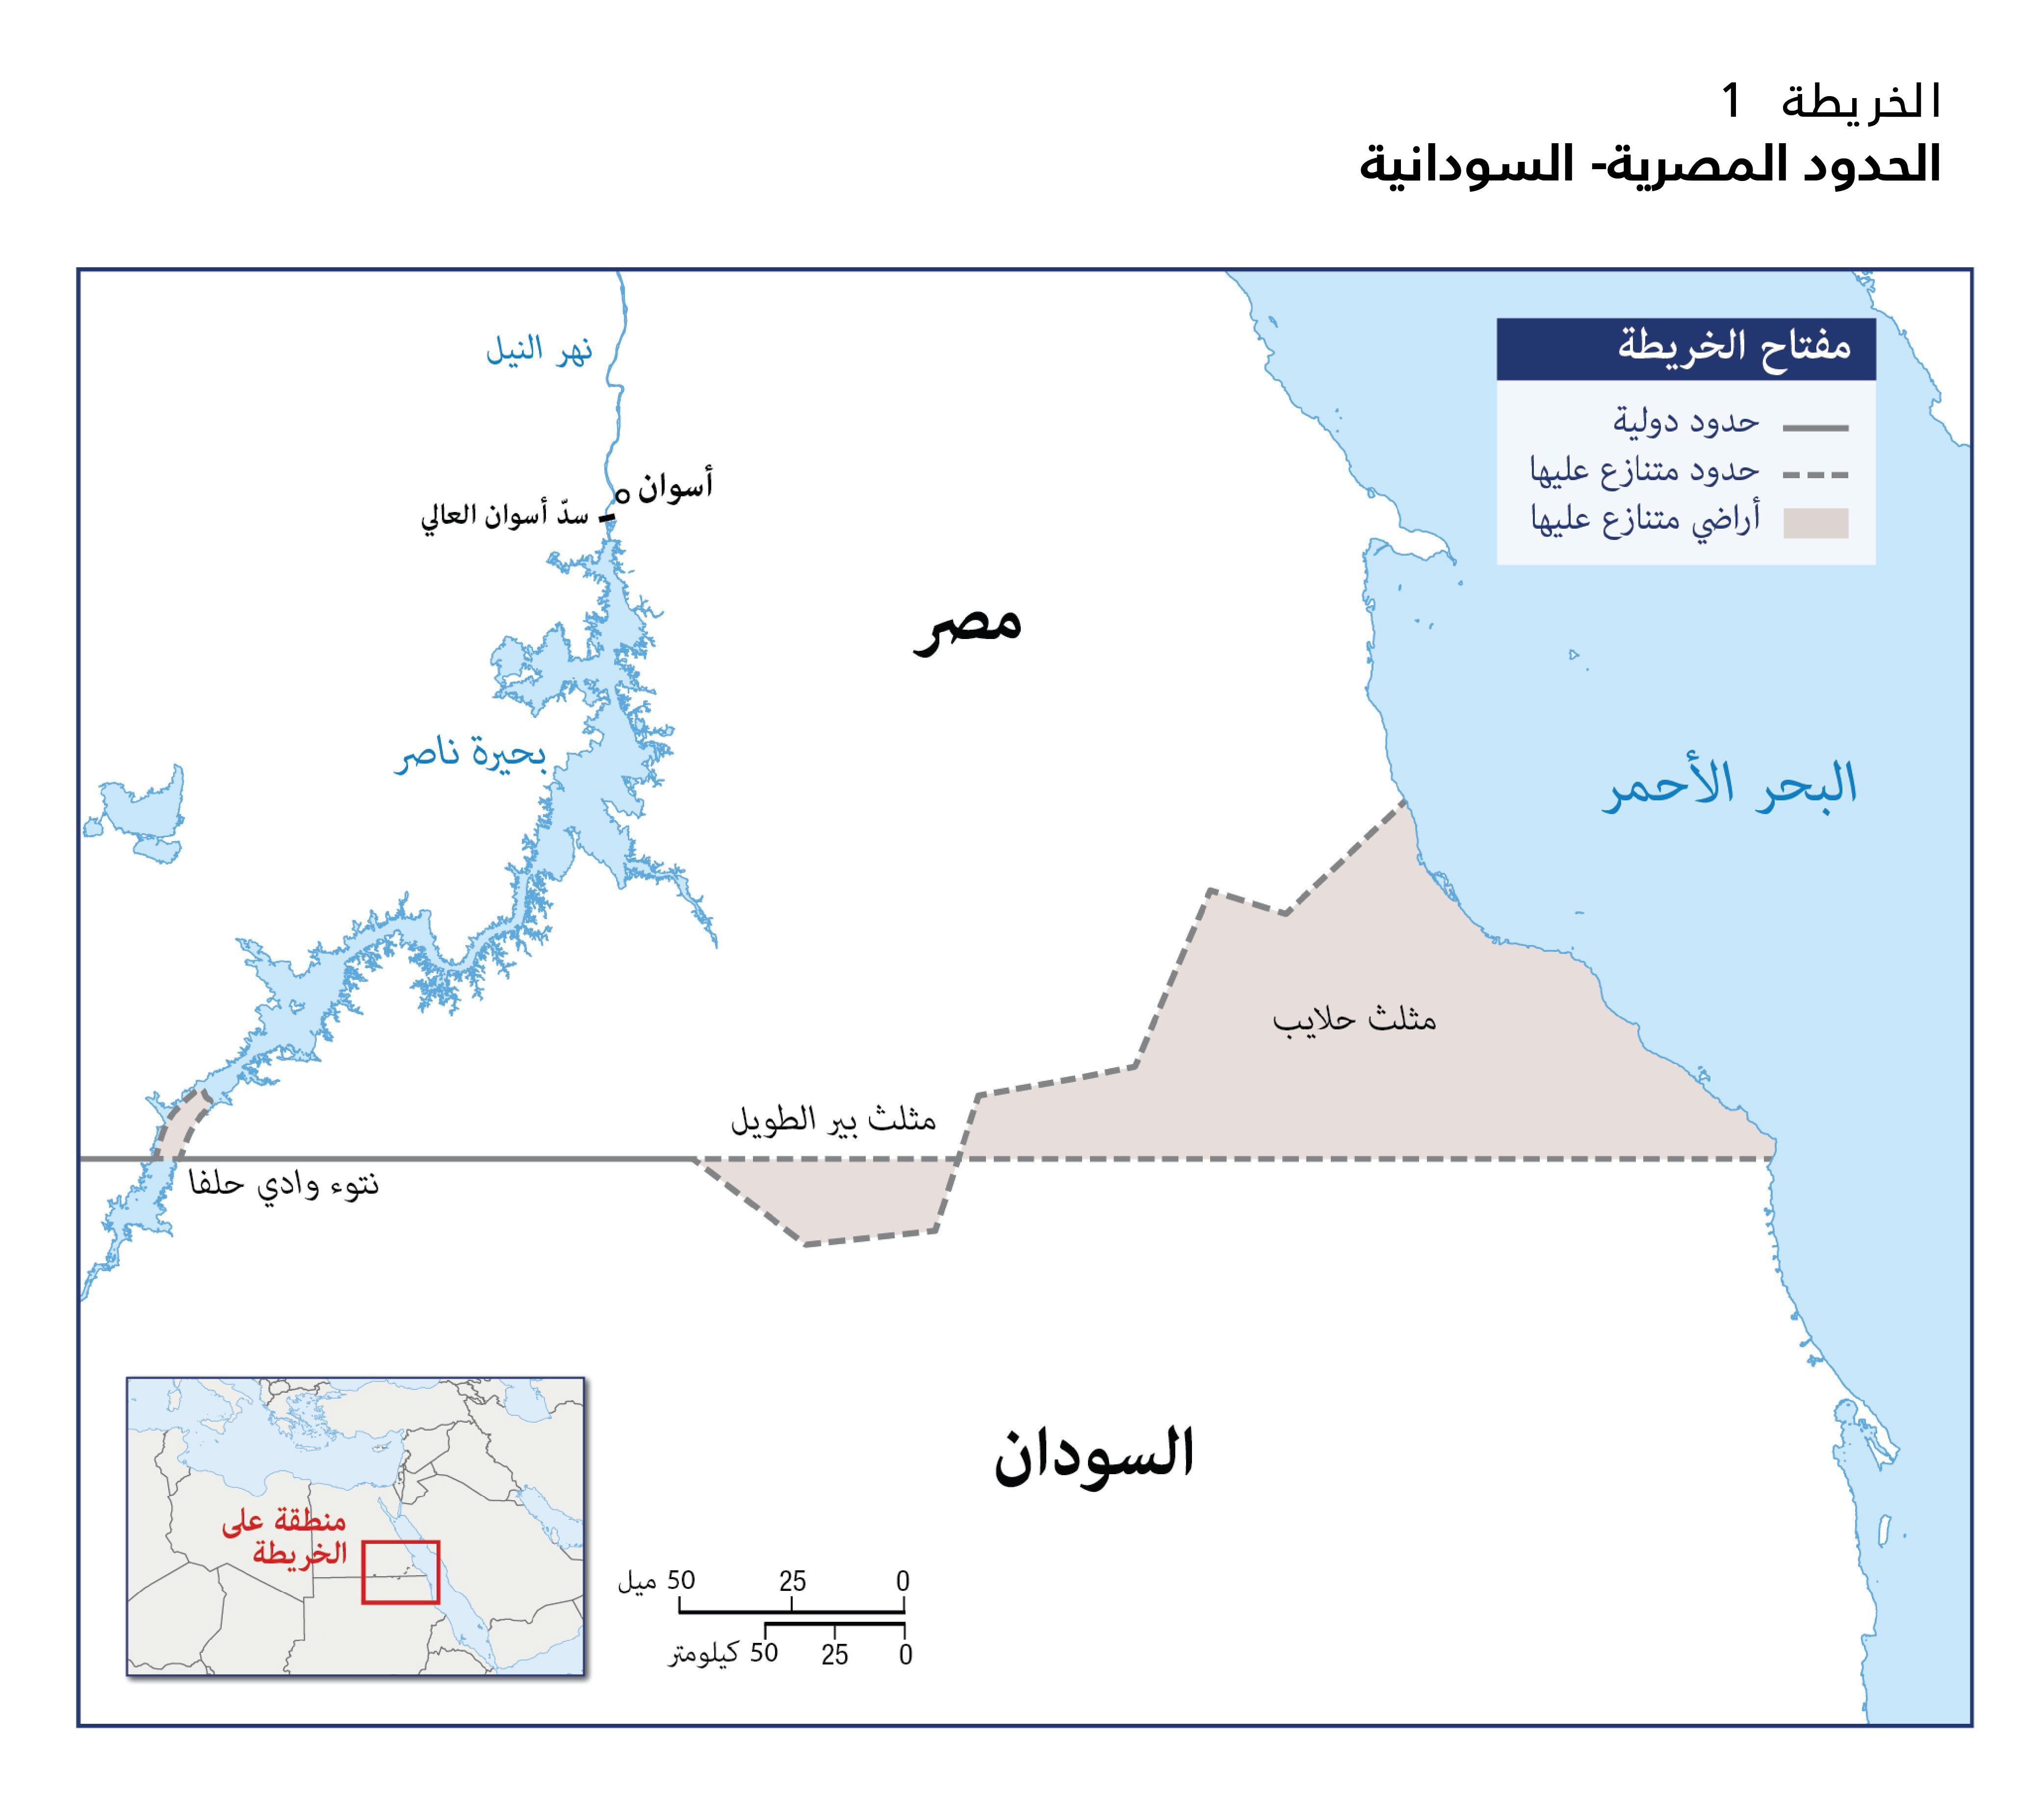 الحدود المصرية السودانية قصة وعد لم يتحقق مركز كارنيغي للشرق الأوسط مؤسسة كارنيغي للسلام الدولي